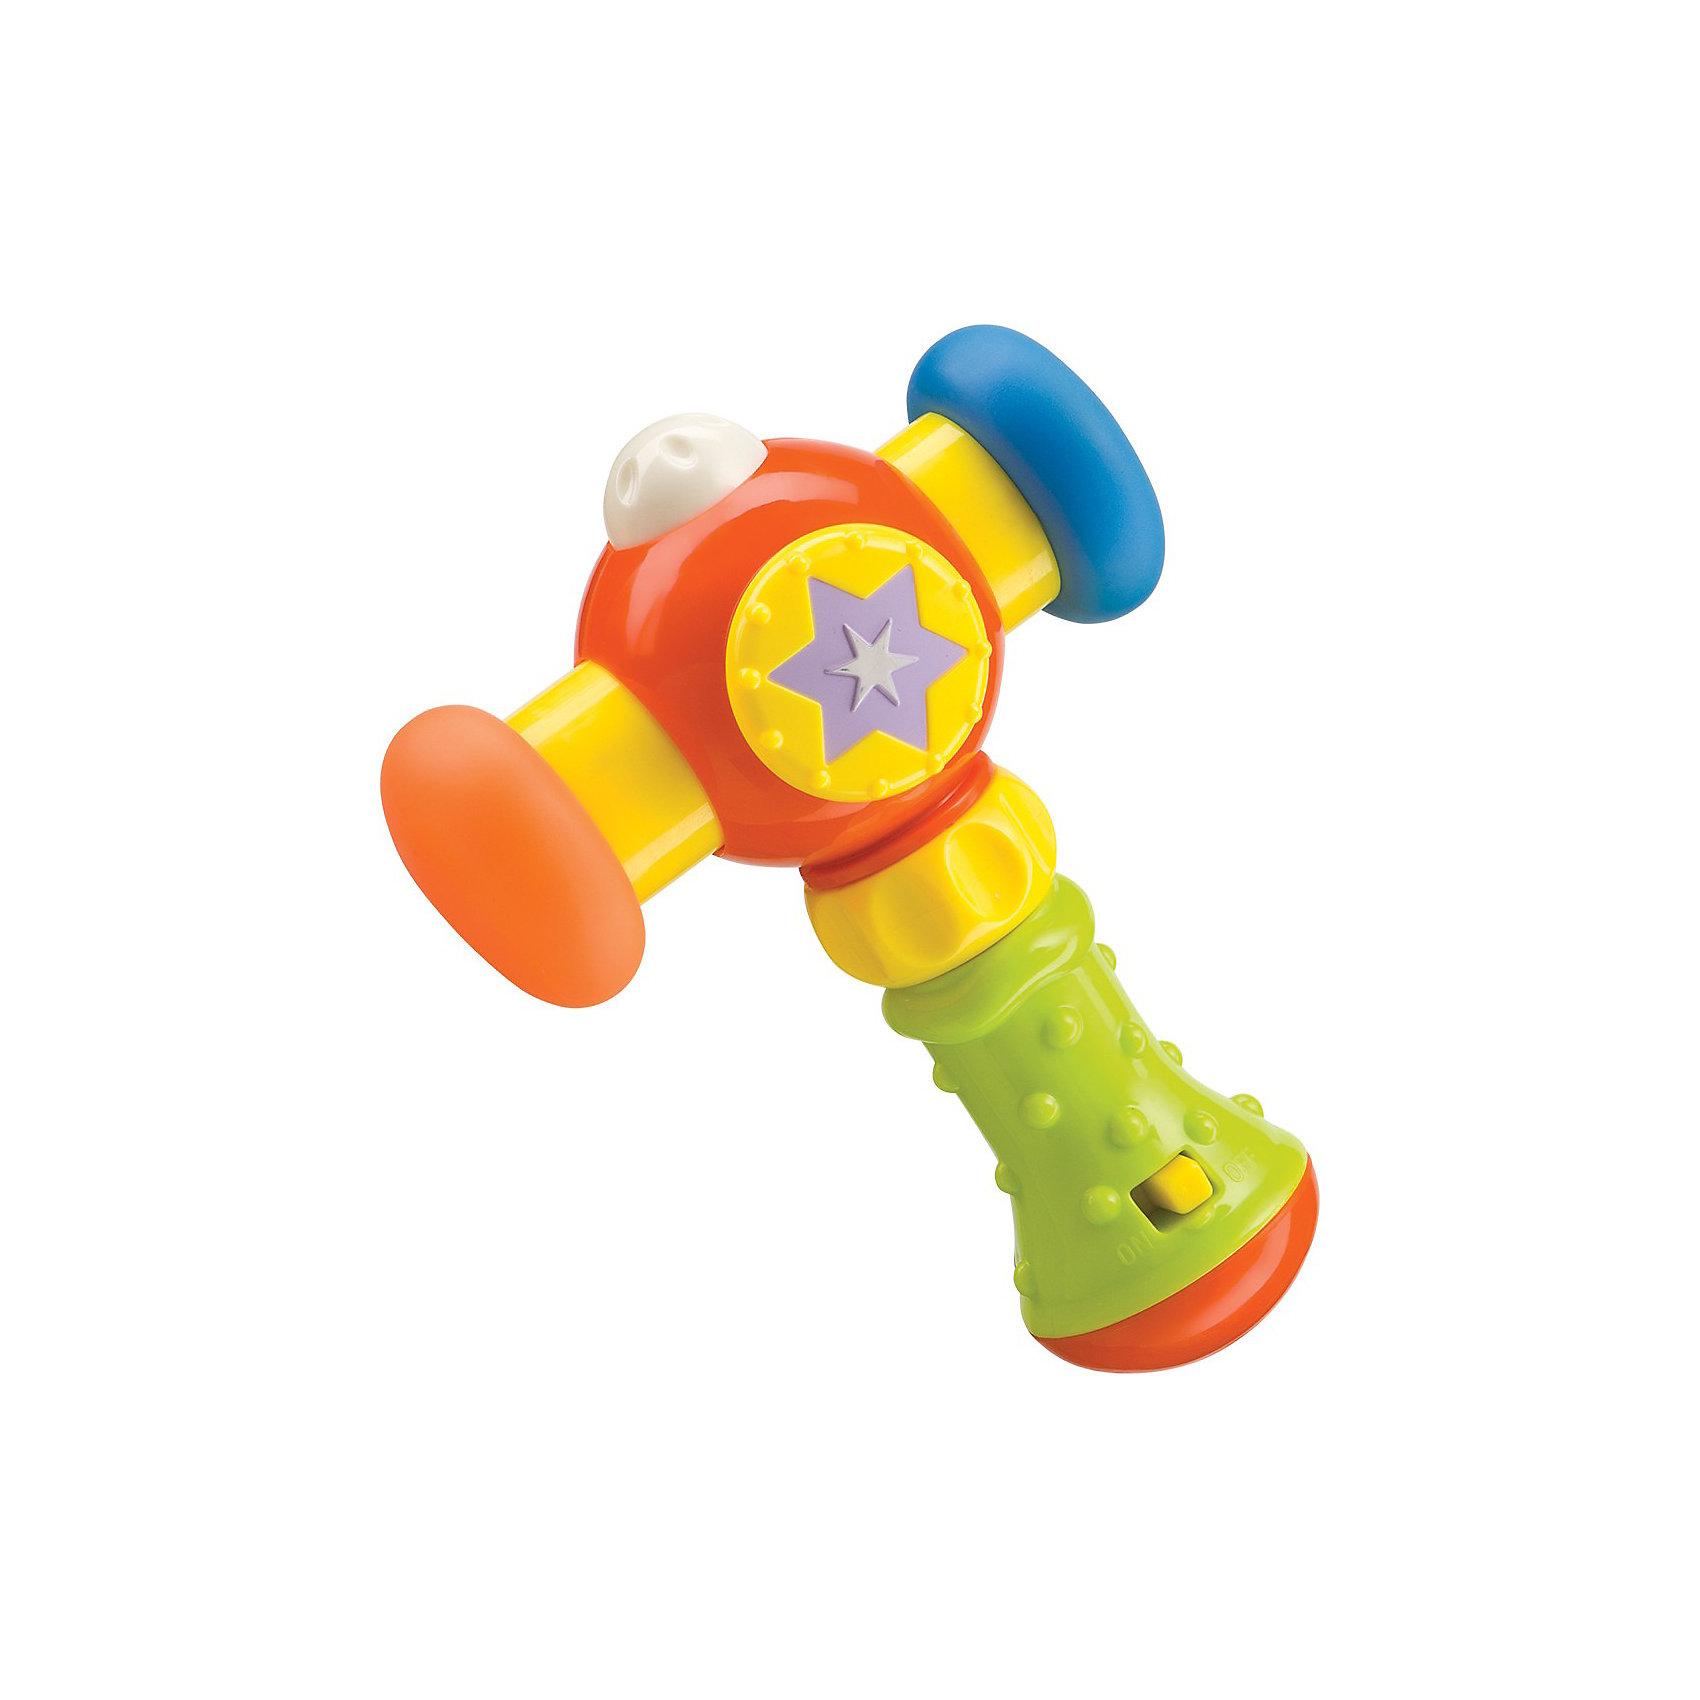 Музыкальный молоток MAGIC HAMMER, Happy BabyИнтерактивные игрушки для малышей<br>Прекрасная яркая развивающая игрушка обязательно понравится вашему малышу. Молоток имеет резиновые накладки, что обеспечивает безопасность вашего малыша. Удобная рельефная ручка создана специально для маленьких детских пальчиков. На ручке располагается кнопка включения и выключения звуковых эффектов. Каждый раз, когда кроха будет ударять по ровной поверхности, молоточек будет издавать забавные звуки. <br>Игрушка выполнена из высококачественных гипоаллергенных материалов безопасных для детей. <br><br>Дополнительная информация:<br><br>- Элемент питания: 2 батарейки АА (входят в комплект).<br>- Цвет: разноцветный.<br>- Материал: АБС-пластик, силикон.<br><br>Музыкальный молоток MAGIC HAMMER, Happy Baby (Хэппи Беби) можно купить в нашем магазине.<br><br>Ширина мм: 70<br>Глубина мм: 170<br>Высота мм: 190<br>Вес г: 187<br>Возраст от месяцев: 6<br>Возраст до месяцев: 36<br>Пол: Унисекс<br>Возраст: Детский<br>SKU: 3914659